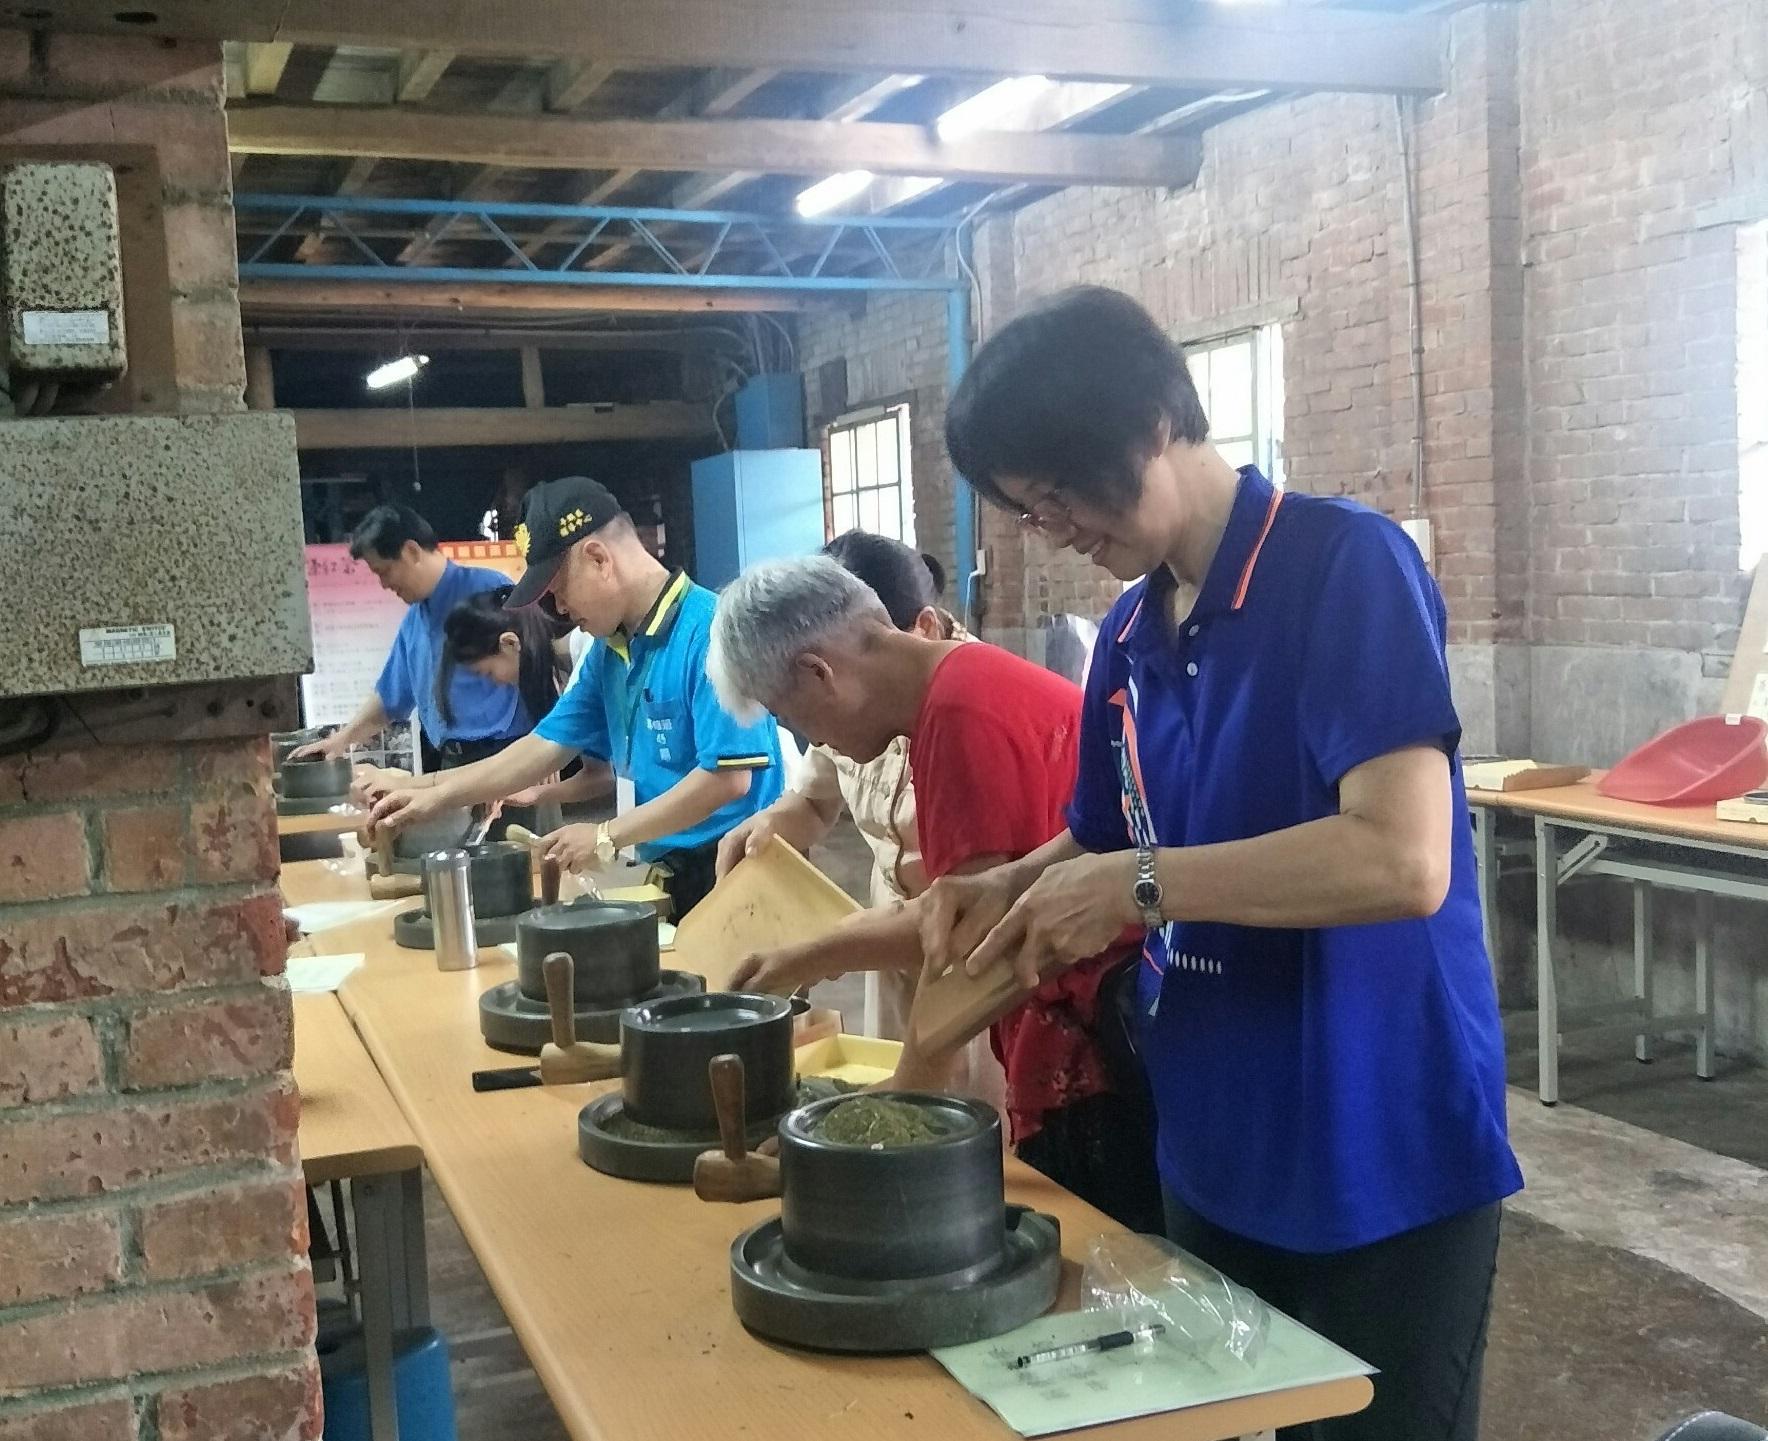 通稿照片3-具有百年歷史的龍潭福源茶廠,薪傳師們透過實作體驗,感受深刻的客家茶文化。.jpg